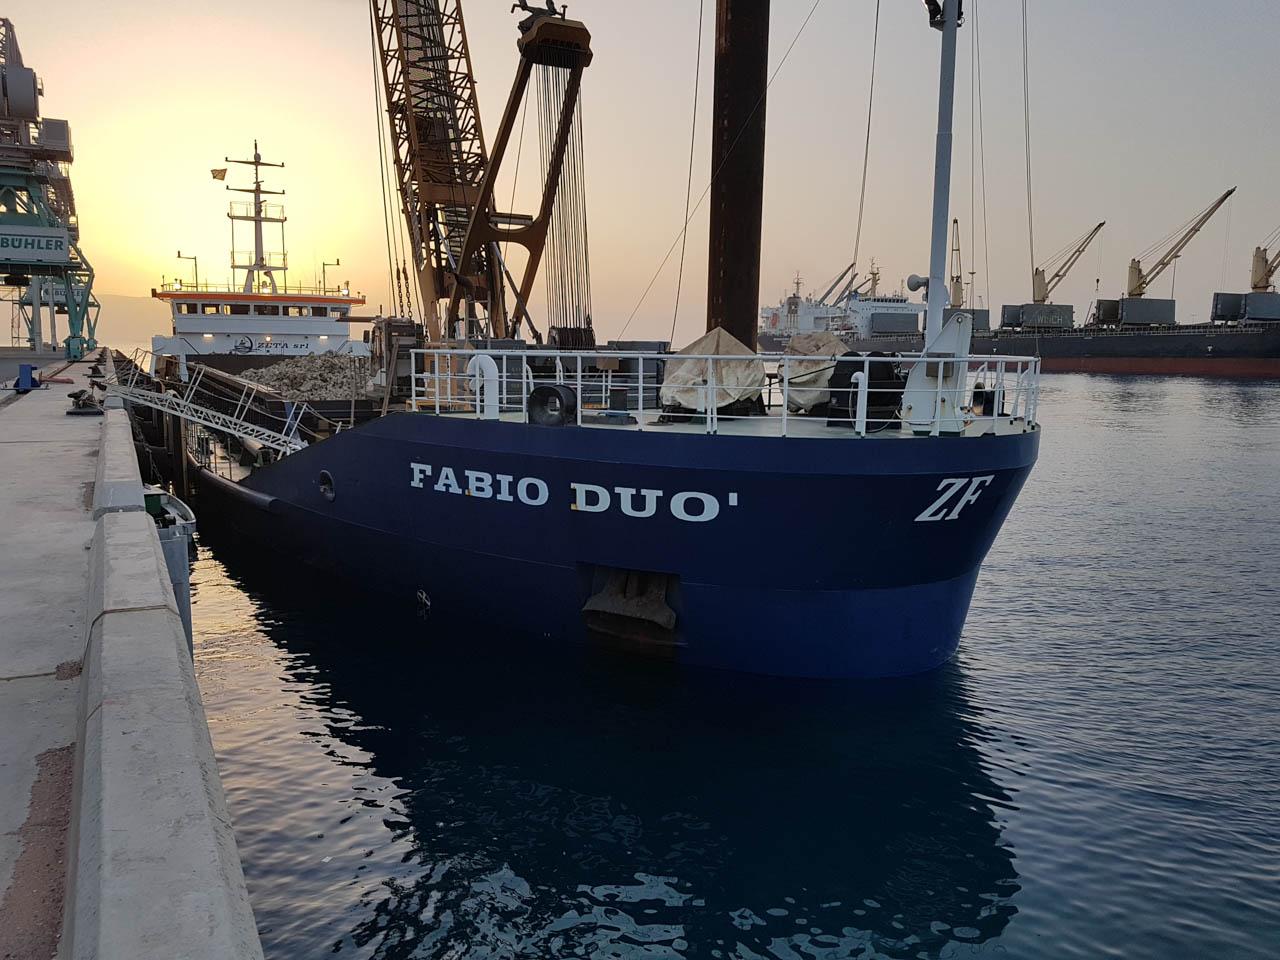 zeta-fabio-duo-13